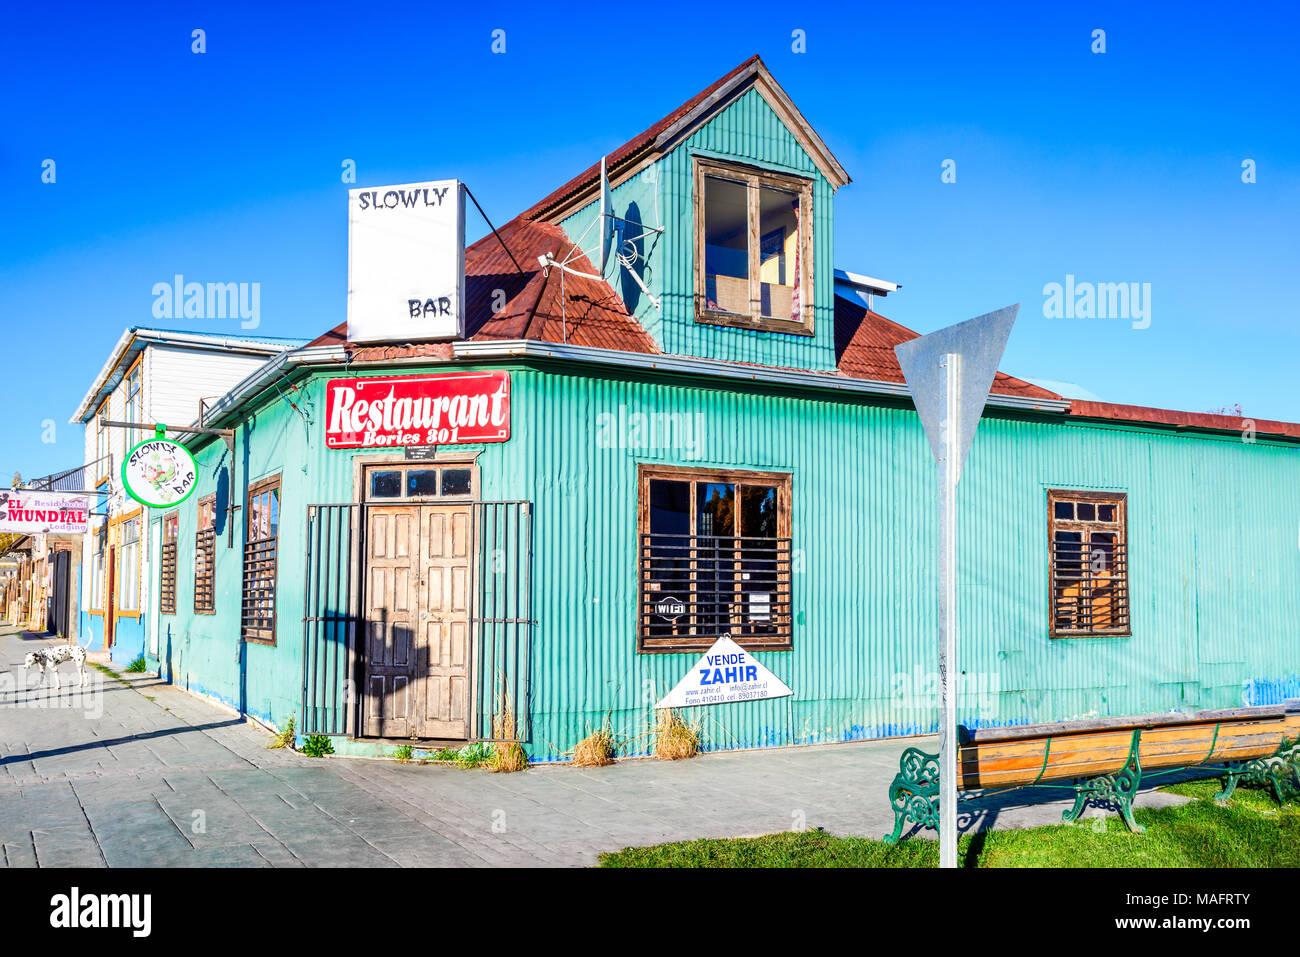 Puerto Natales, Chile - April 2017: städtische Szene von Puerto Natales, Süden Patagoniens Stadt, haupttor Torres del Paine nationales Wahrzeichen. Stockbild